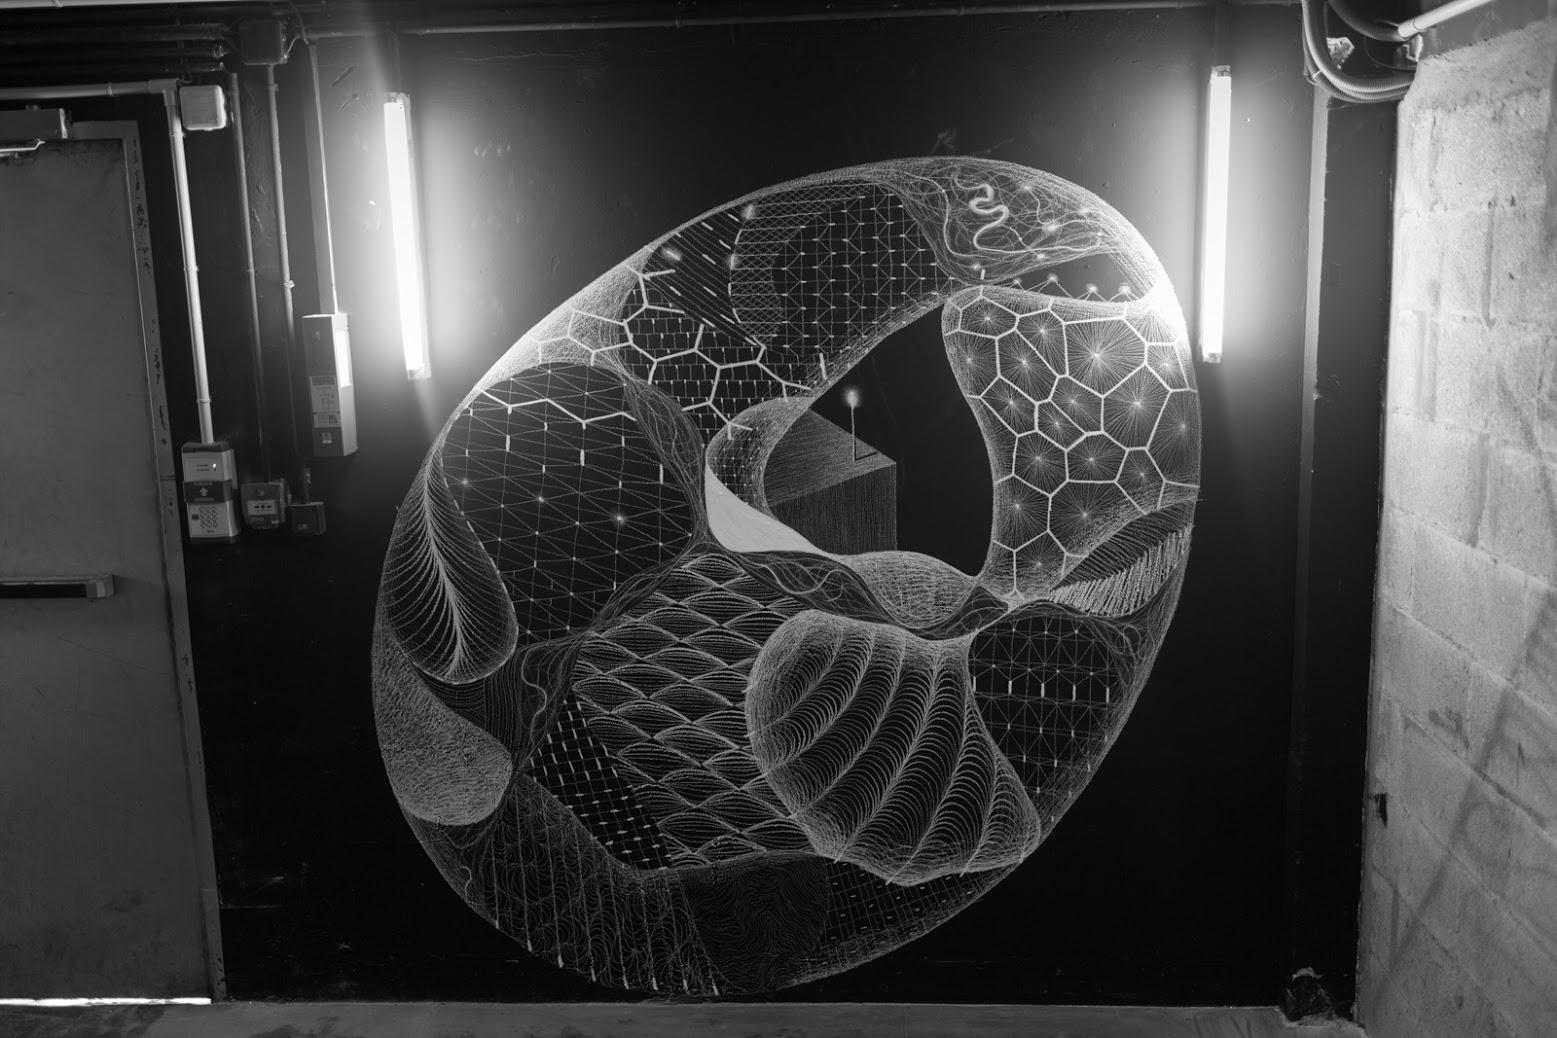 Baudelocque  Mathieu Chouchane jpg - Lasco Project, infiltration dans les souterrains du Palais de Tokyo